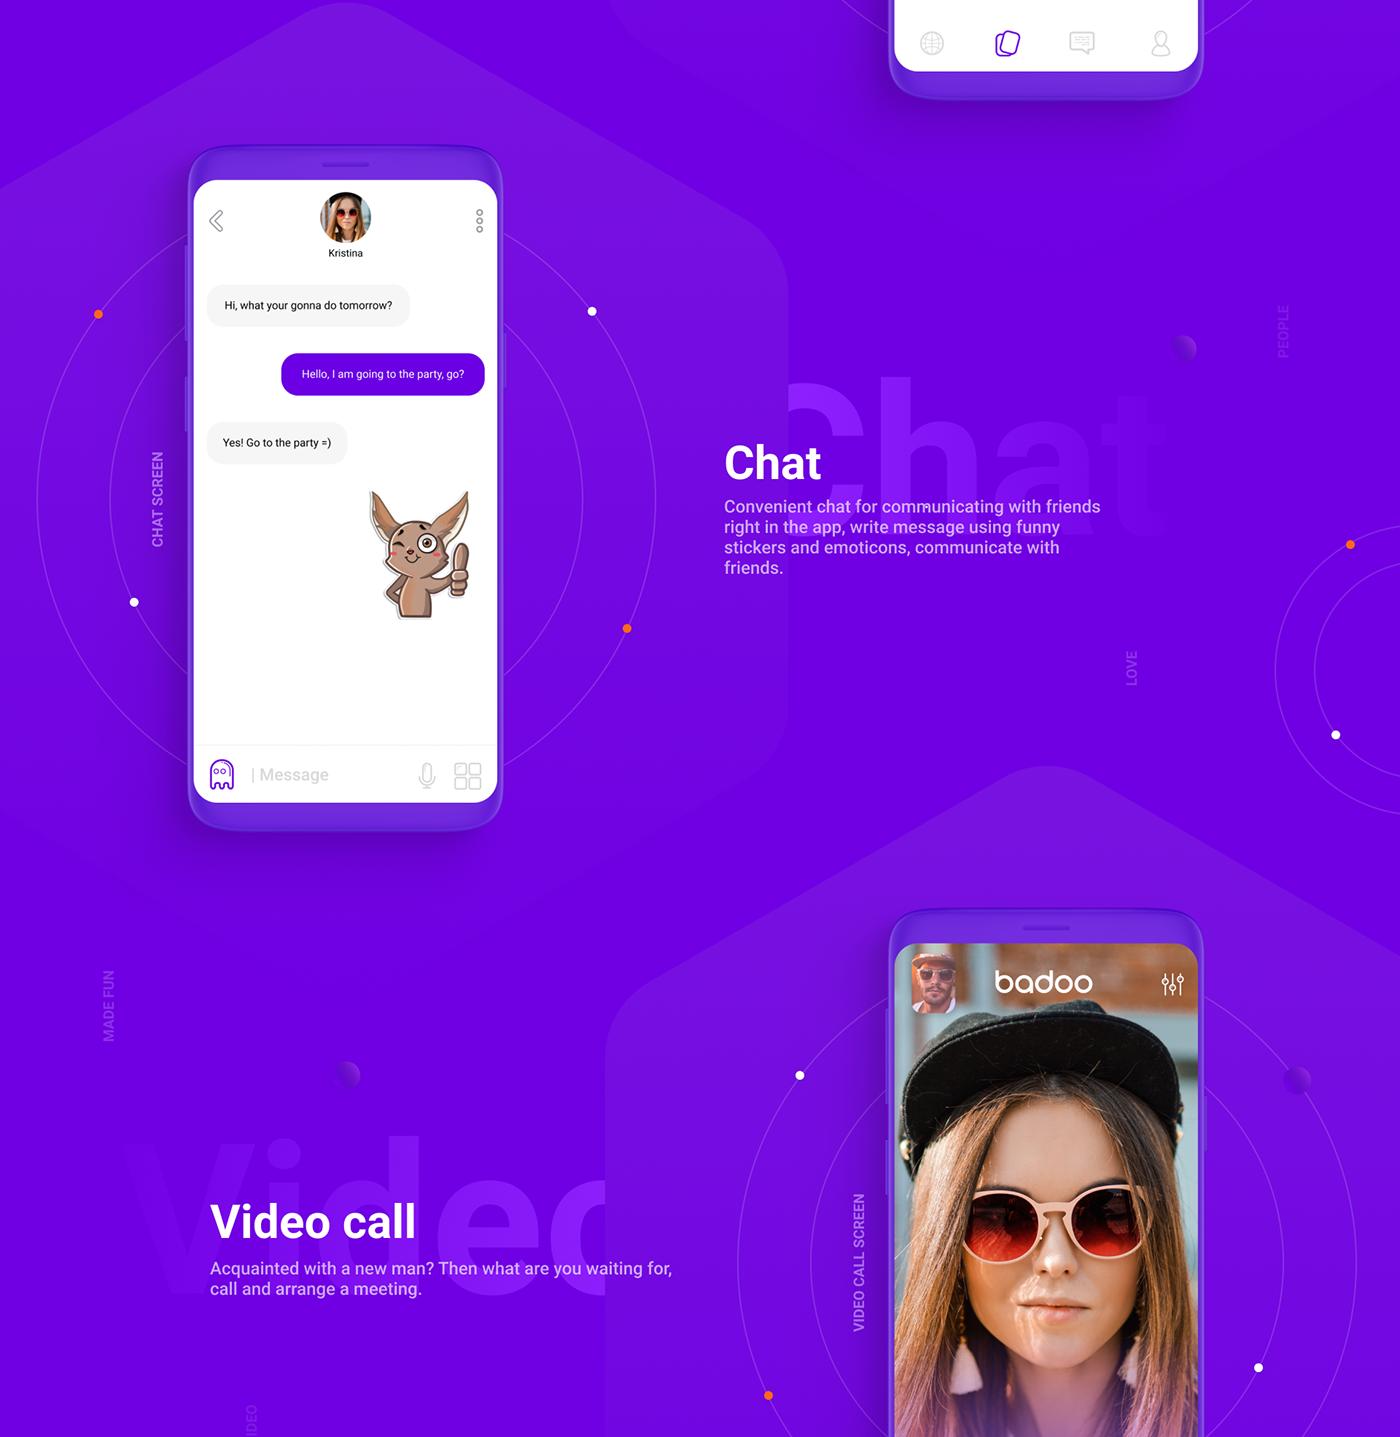 Badoo App Redesign - Freebies Vol.1 on Behance